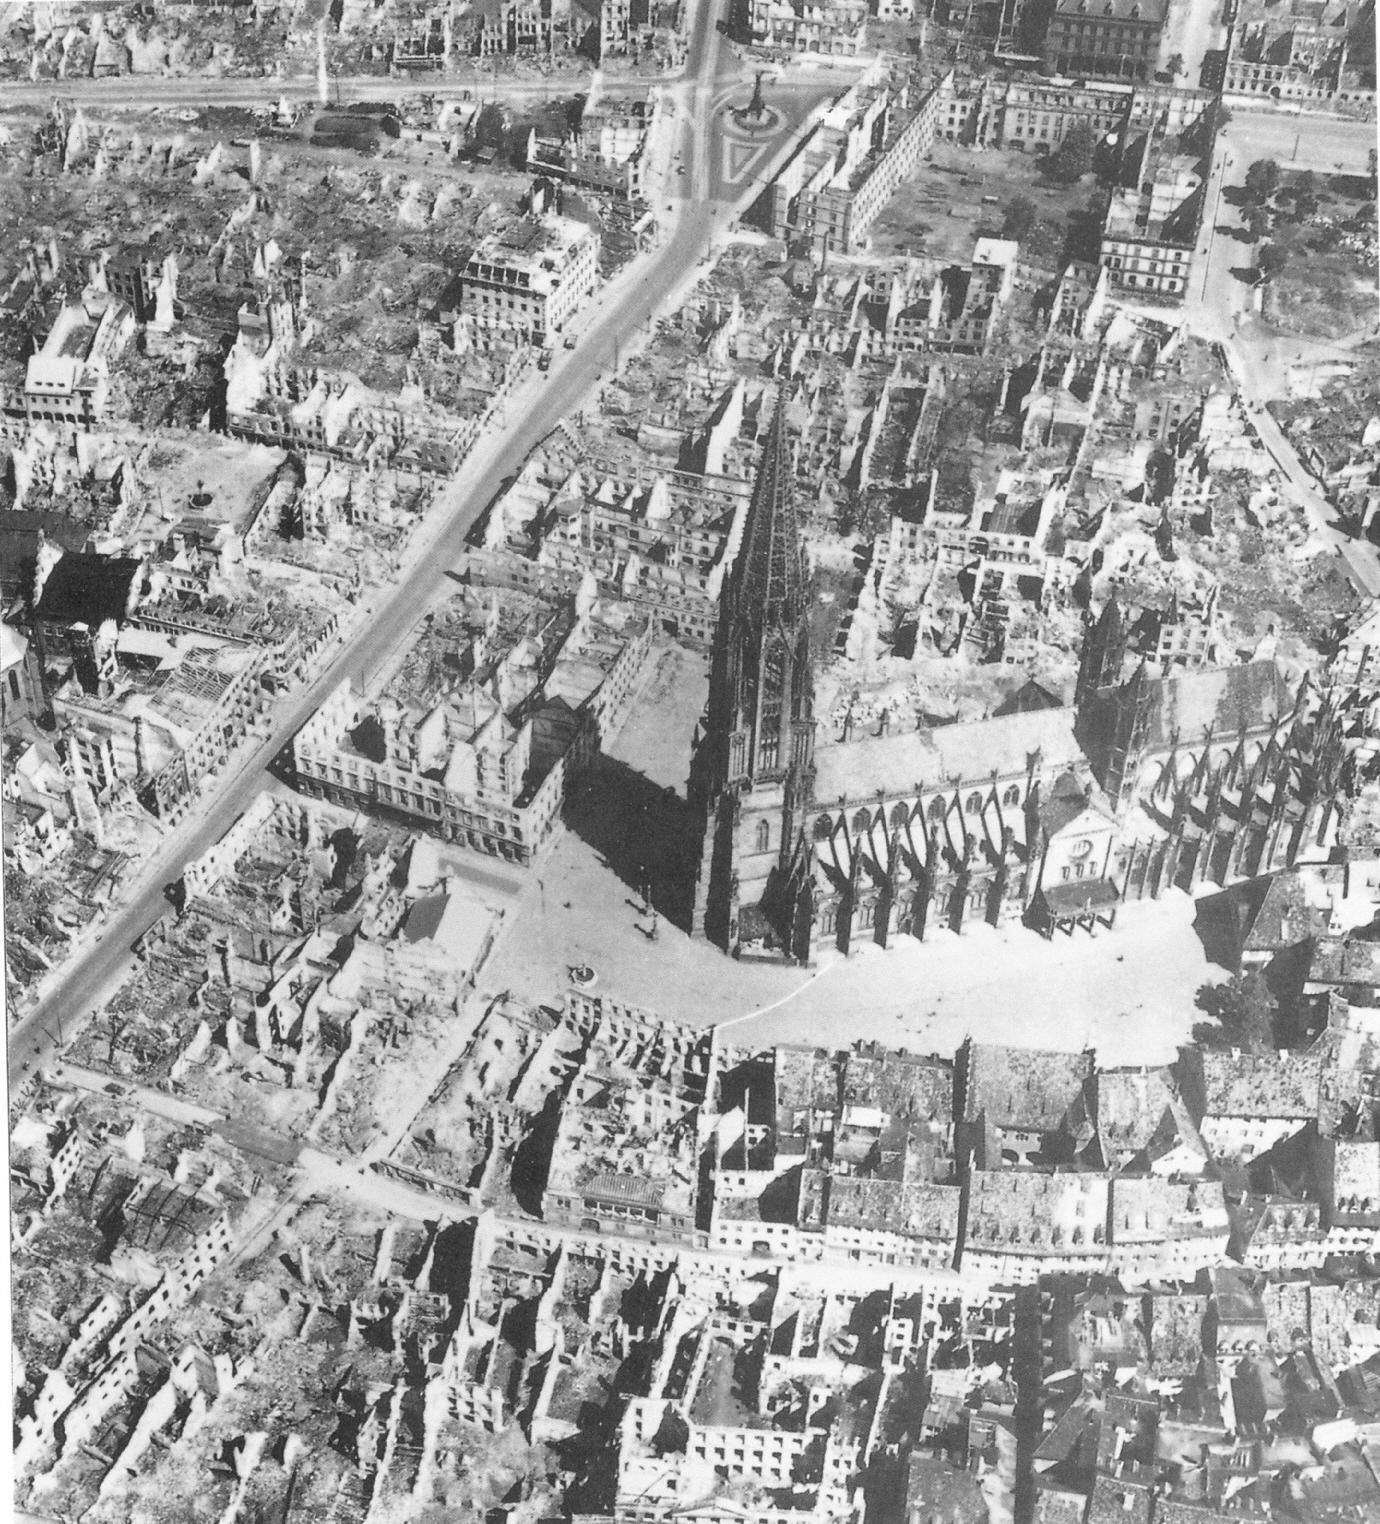 Так выглядел Фрайбург после бомбардировки